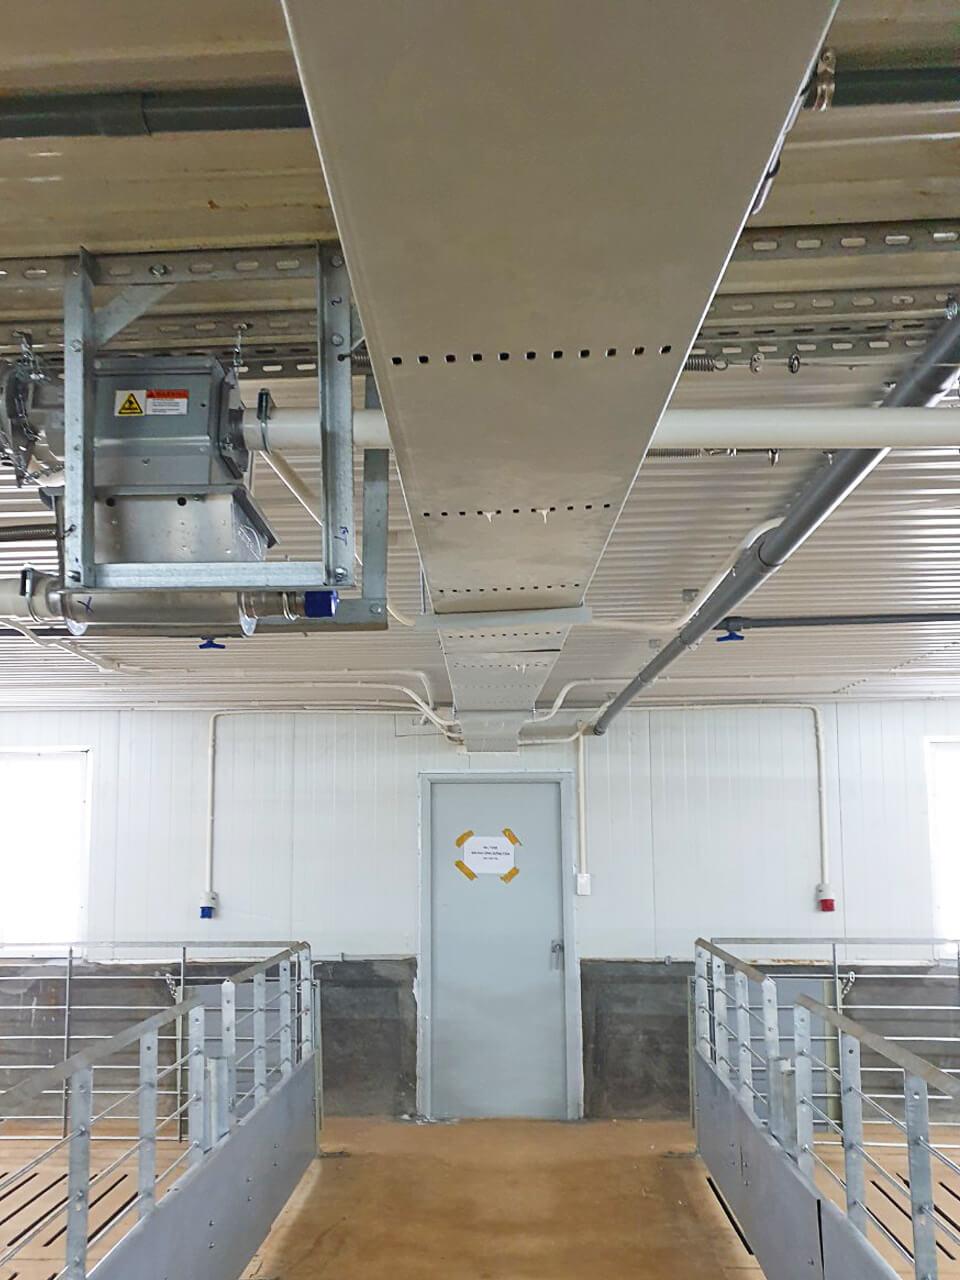 Cung cấp hệ thống cửa chống cháy